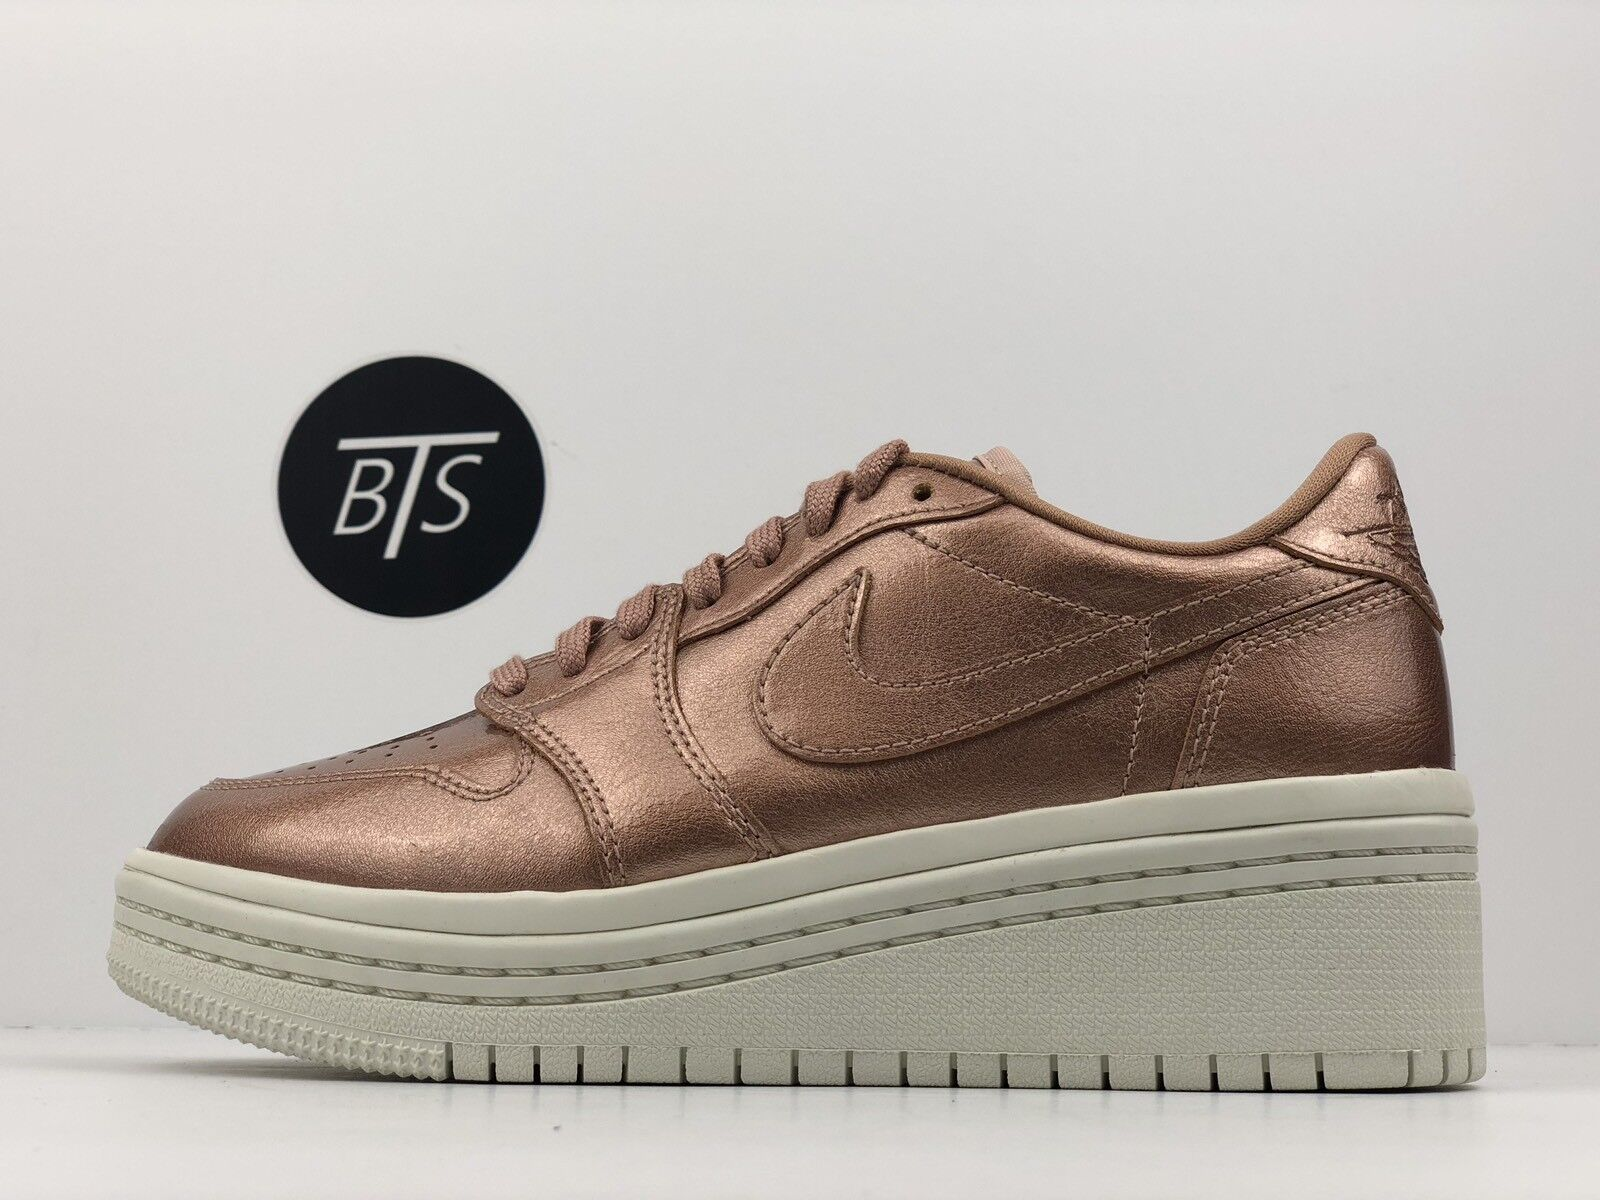 Women's Nike Air Jordan 1 Re Low Lifted Size-7.5 Bronze Tan (AO1334 901)